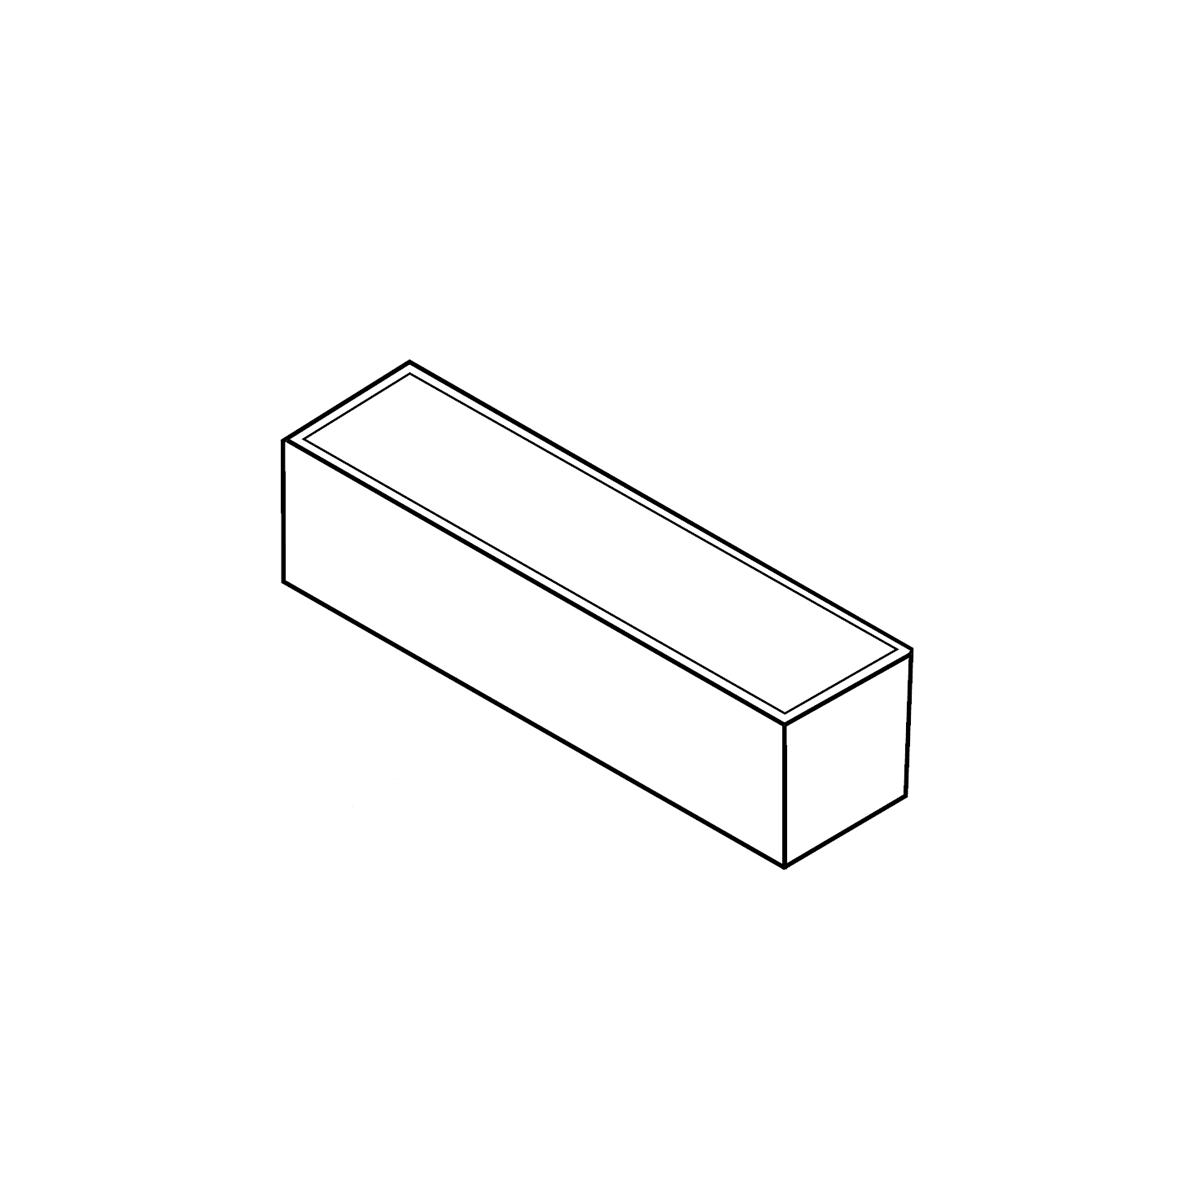 Albertslundkantsten sort/antracit